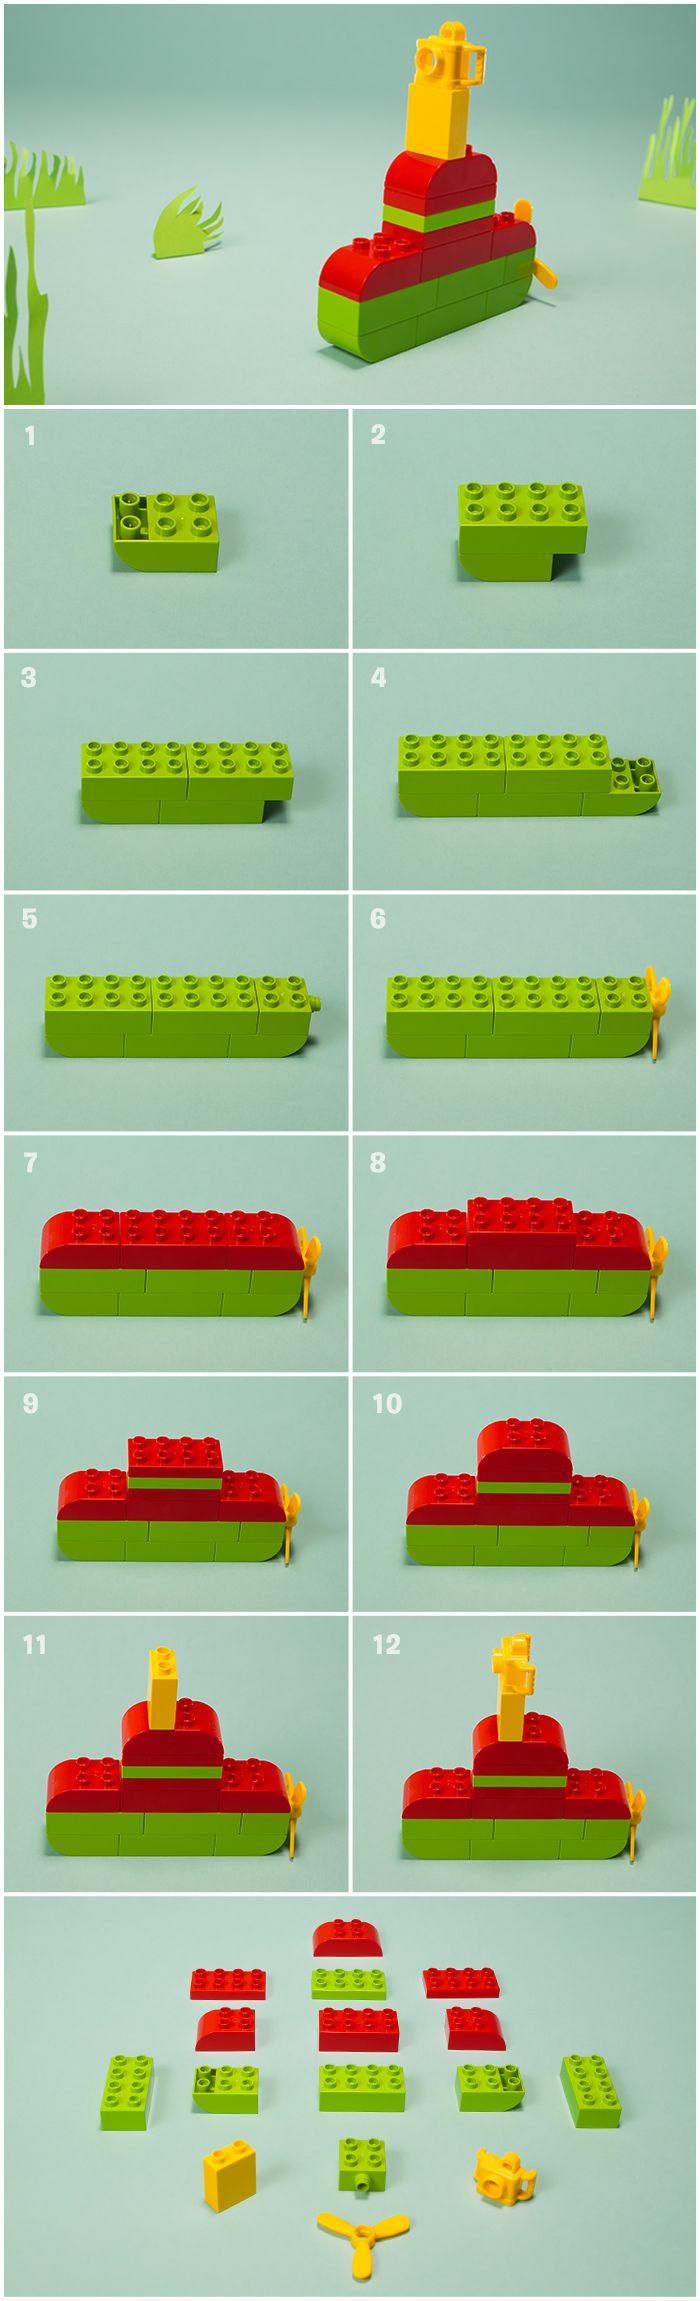 Les 25 meilleures id es de la cat gorie lego duplo sur pinterest animaux le - Idee construction lego ...